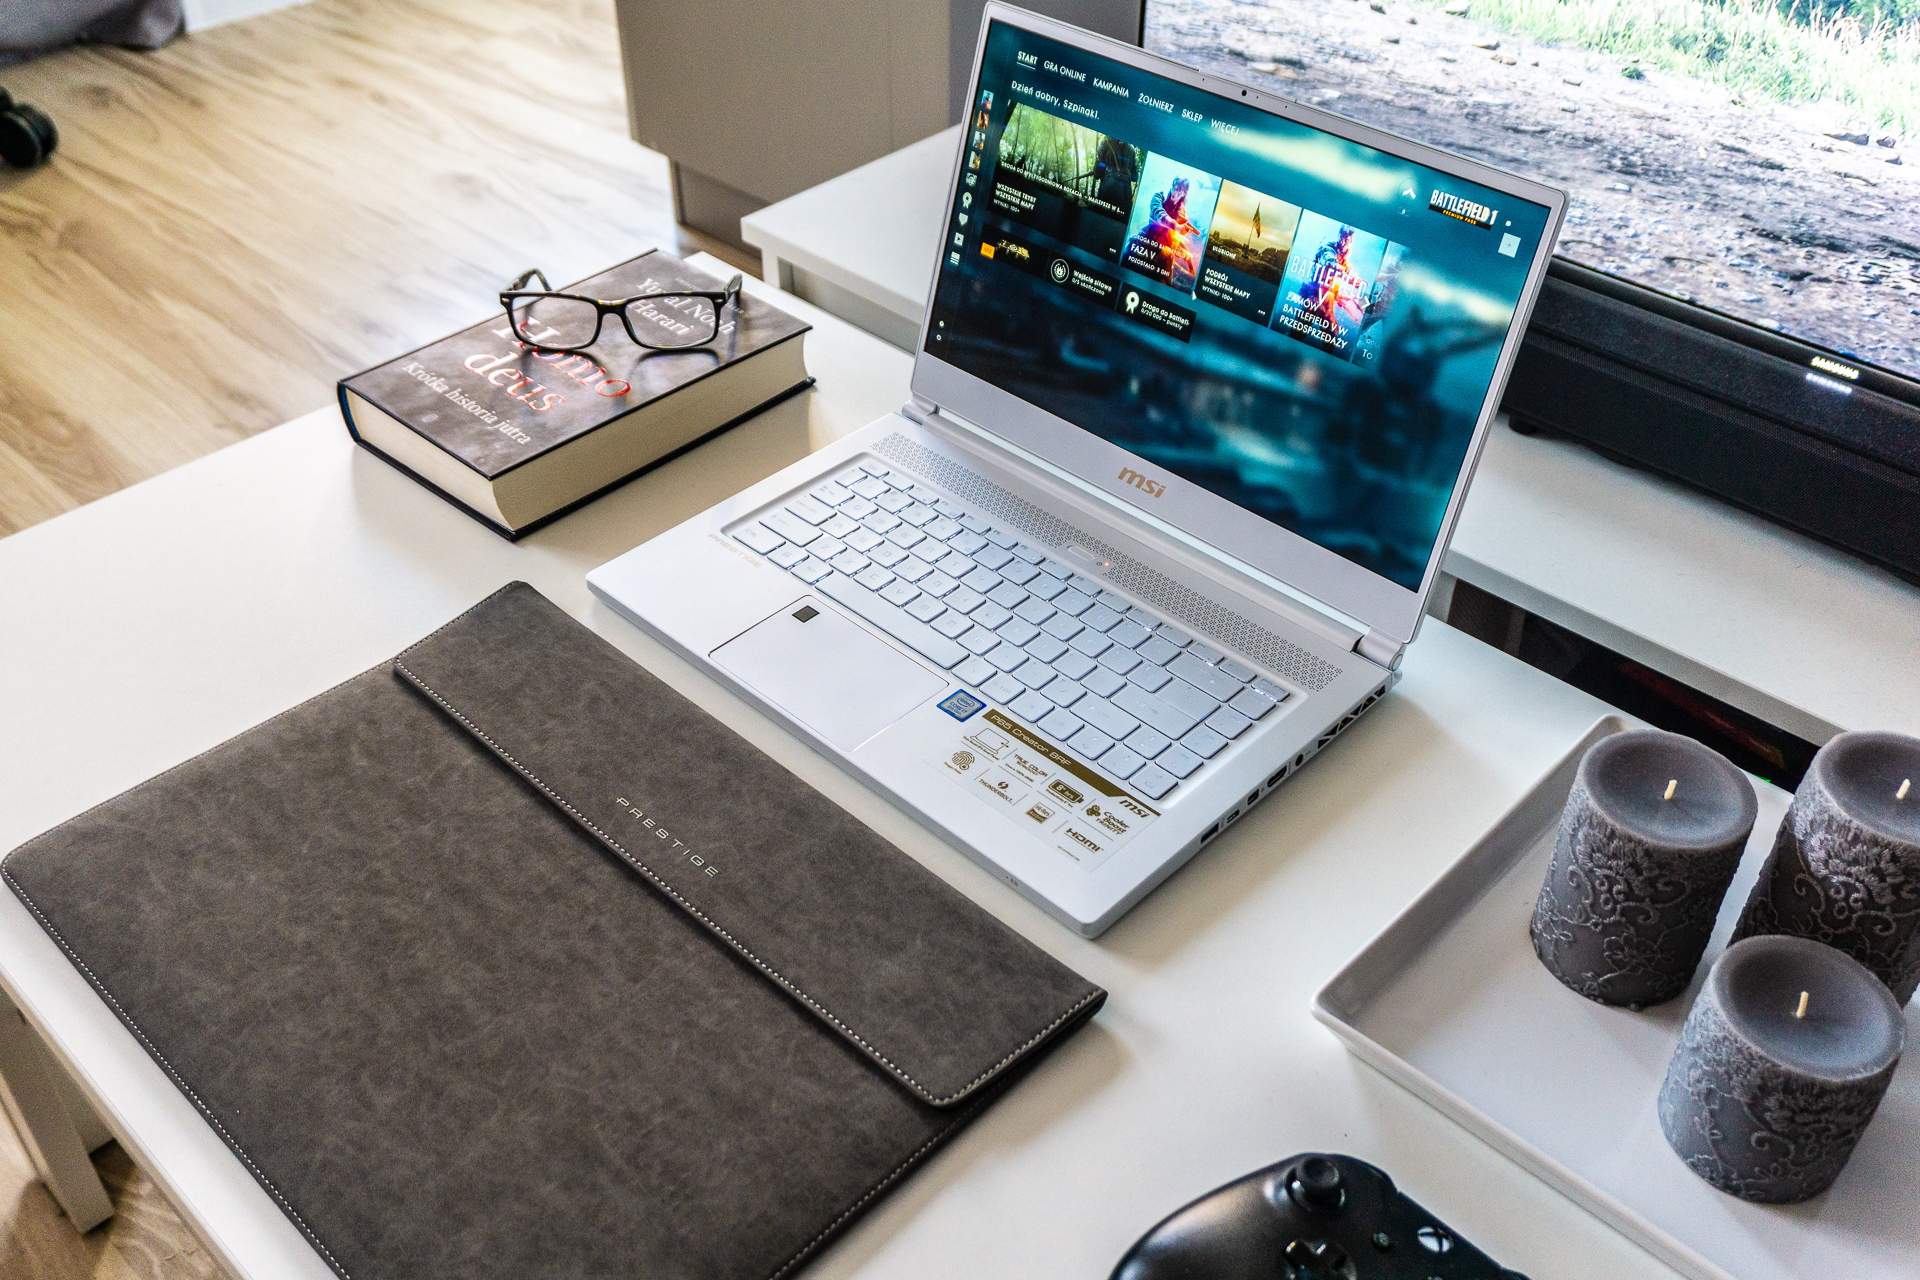 Recenzja MSI P65 Creator - najładniejszy laptop do gier 2018 r.